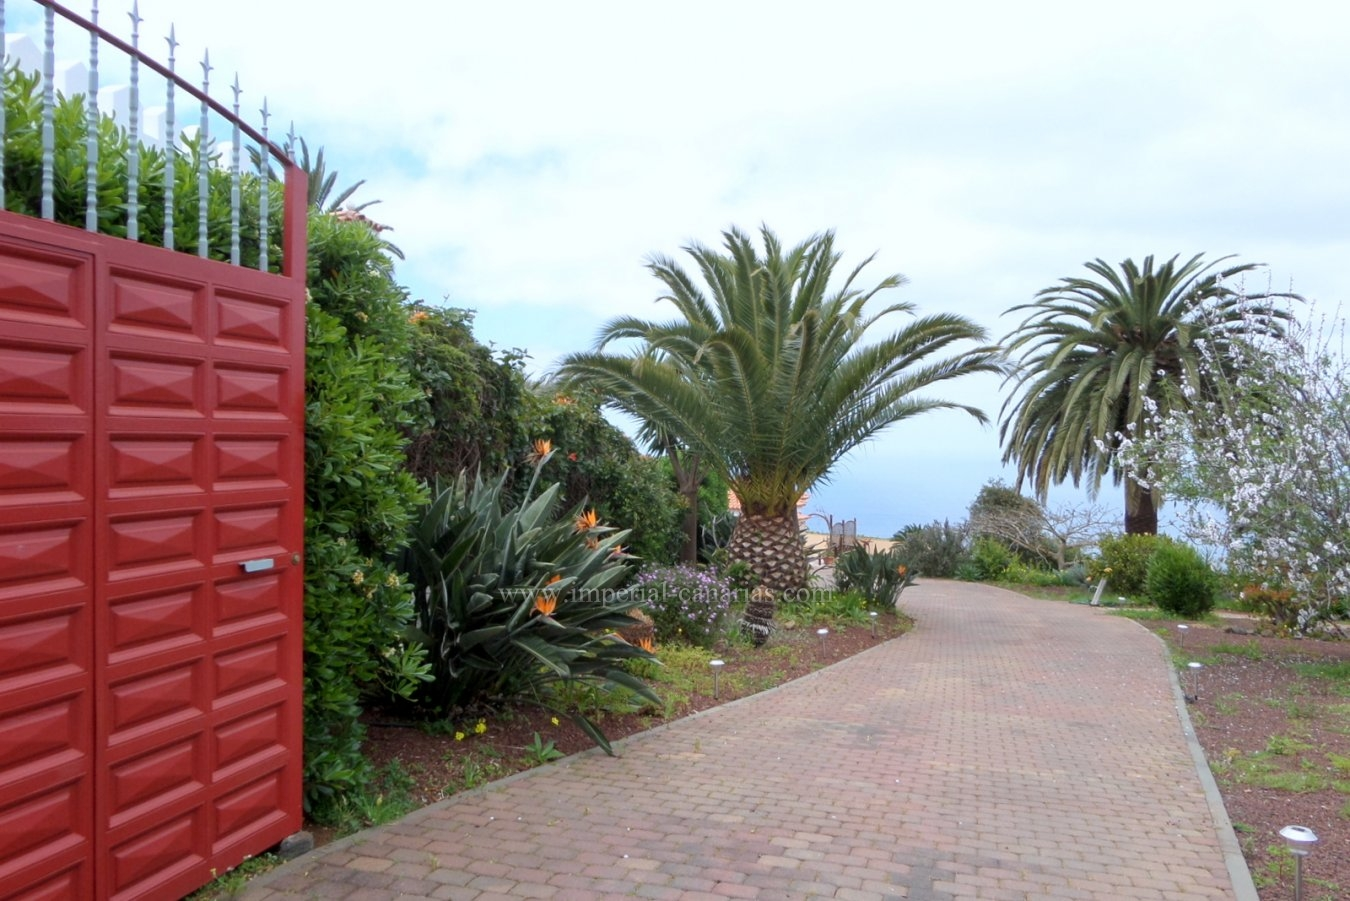 Villa zum Verkauf in der Gegend von Tacoronte mit herrlichem Panoramablick, auf einem großen Grundstück mit schönem Garten und abwechslungsreichem Obstgarten.